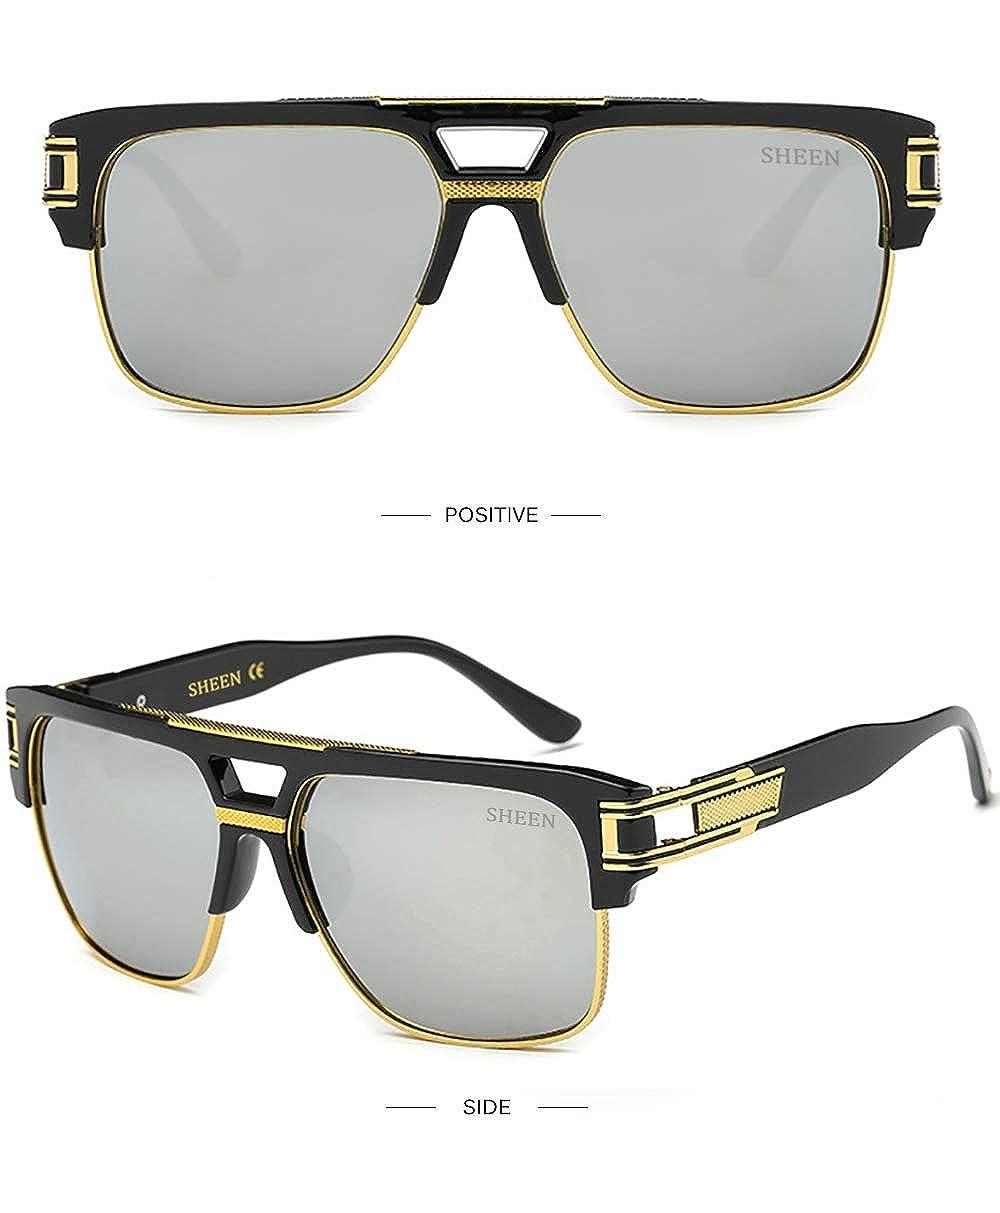 Plaza Gafas de Sol de Moda estilo Aviador Marca Retro Vintage Baratas para  Mujer y. Ampliar imagen 6d4a3c0c8a34